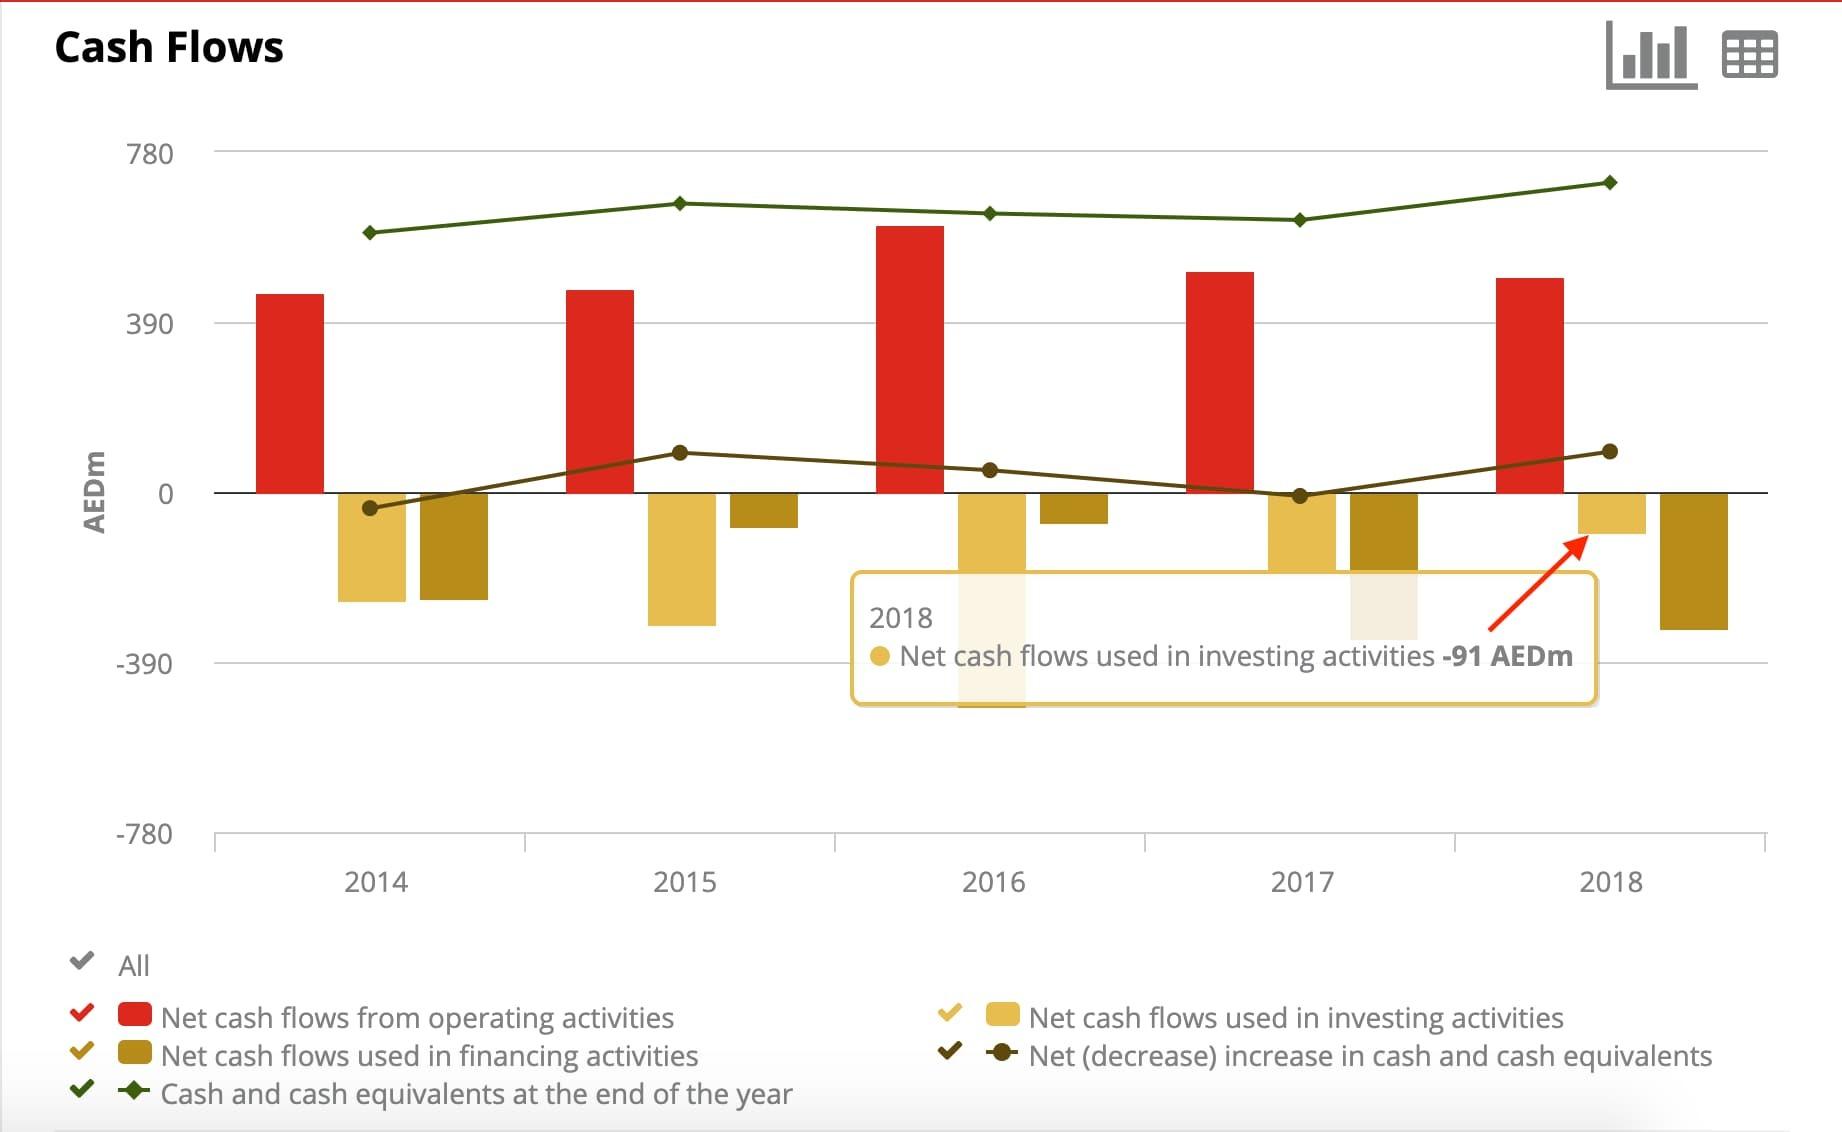 Aramex investment activities